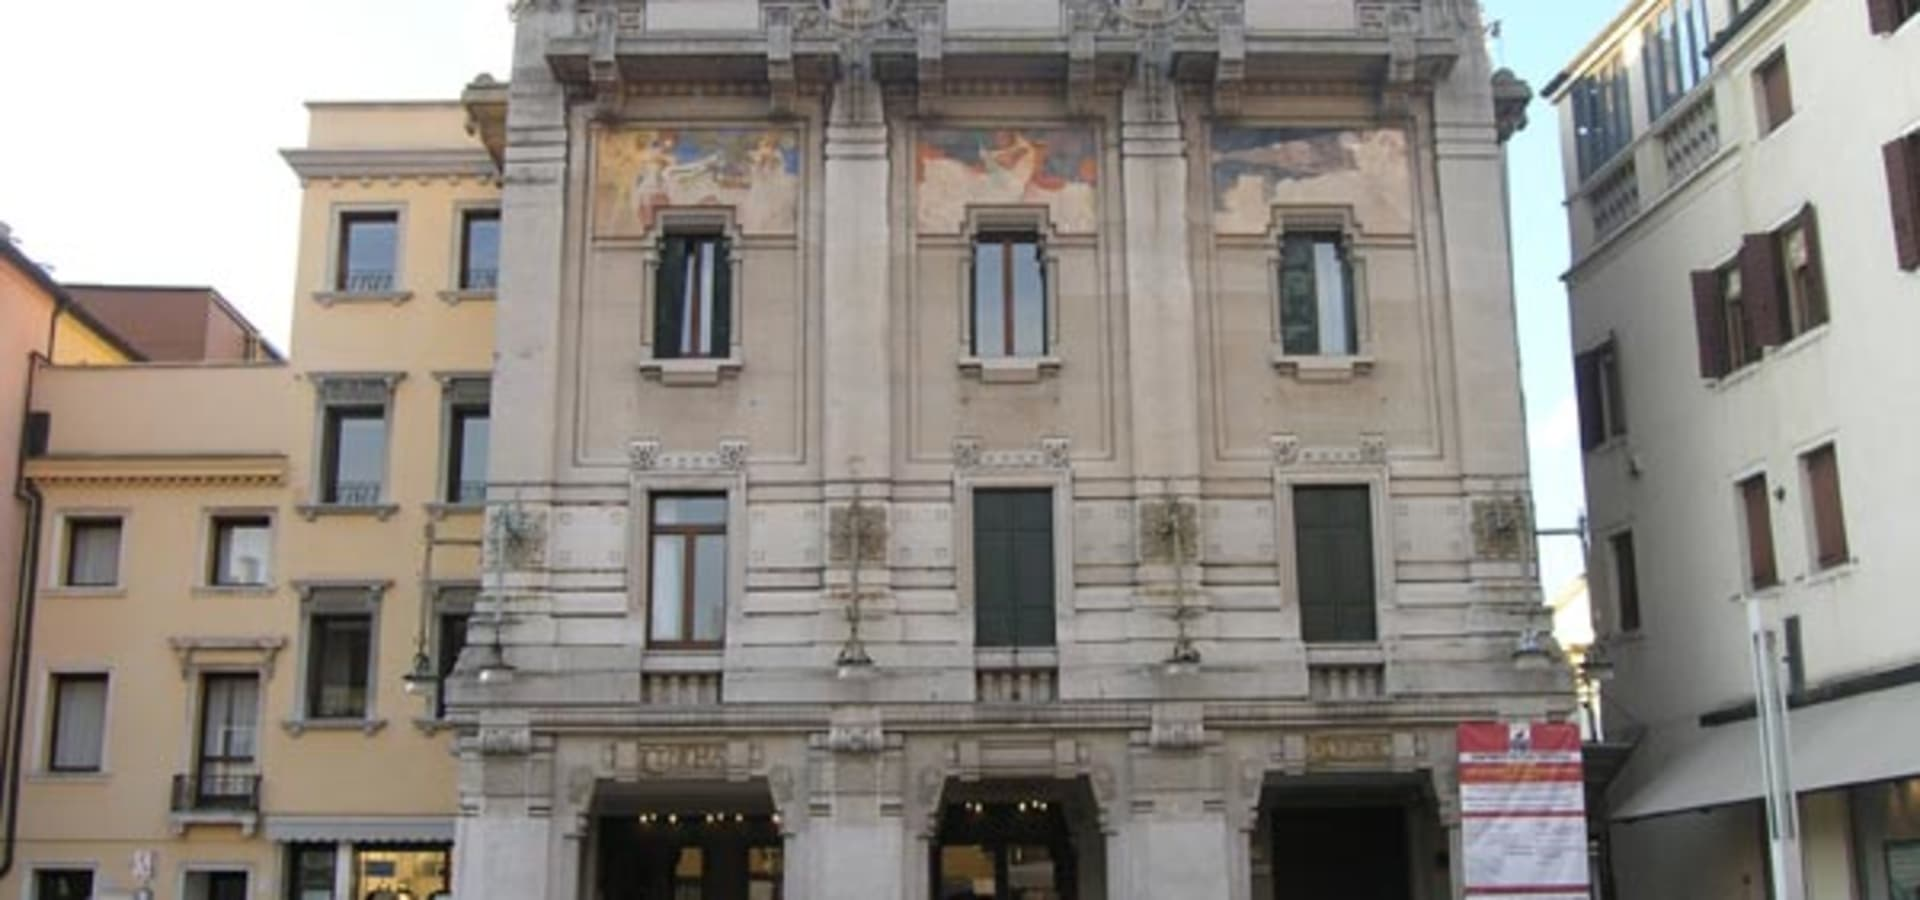 architetto marco calzavara